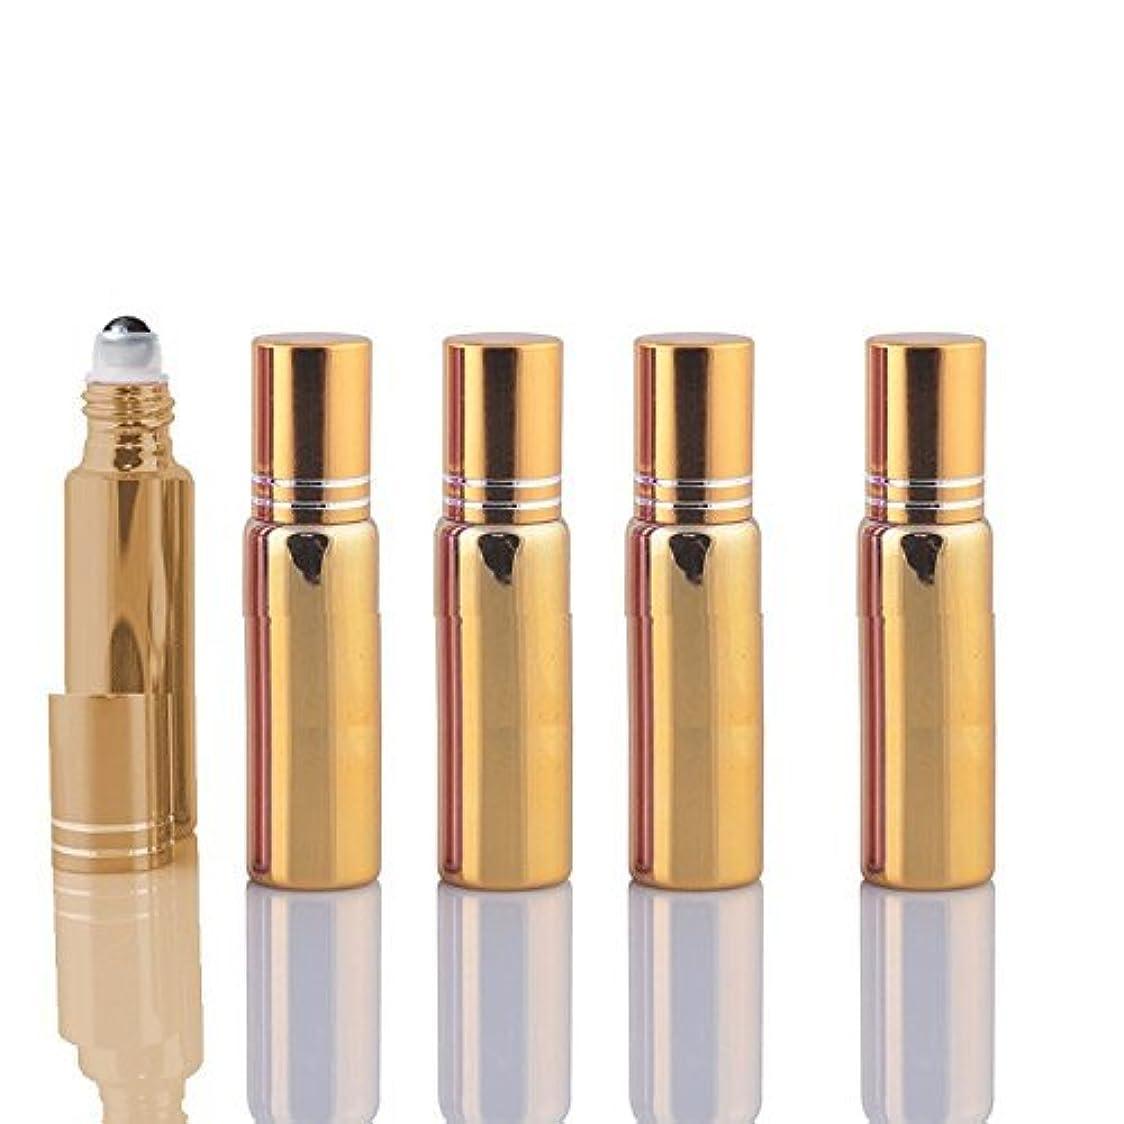 読み書きのできない気怠い火薬10 Sets Colored 5ml UV Coated Glass Roller Ball Refillable Rollon Bottles Grand Parfums with Stainless Steel Rollers...